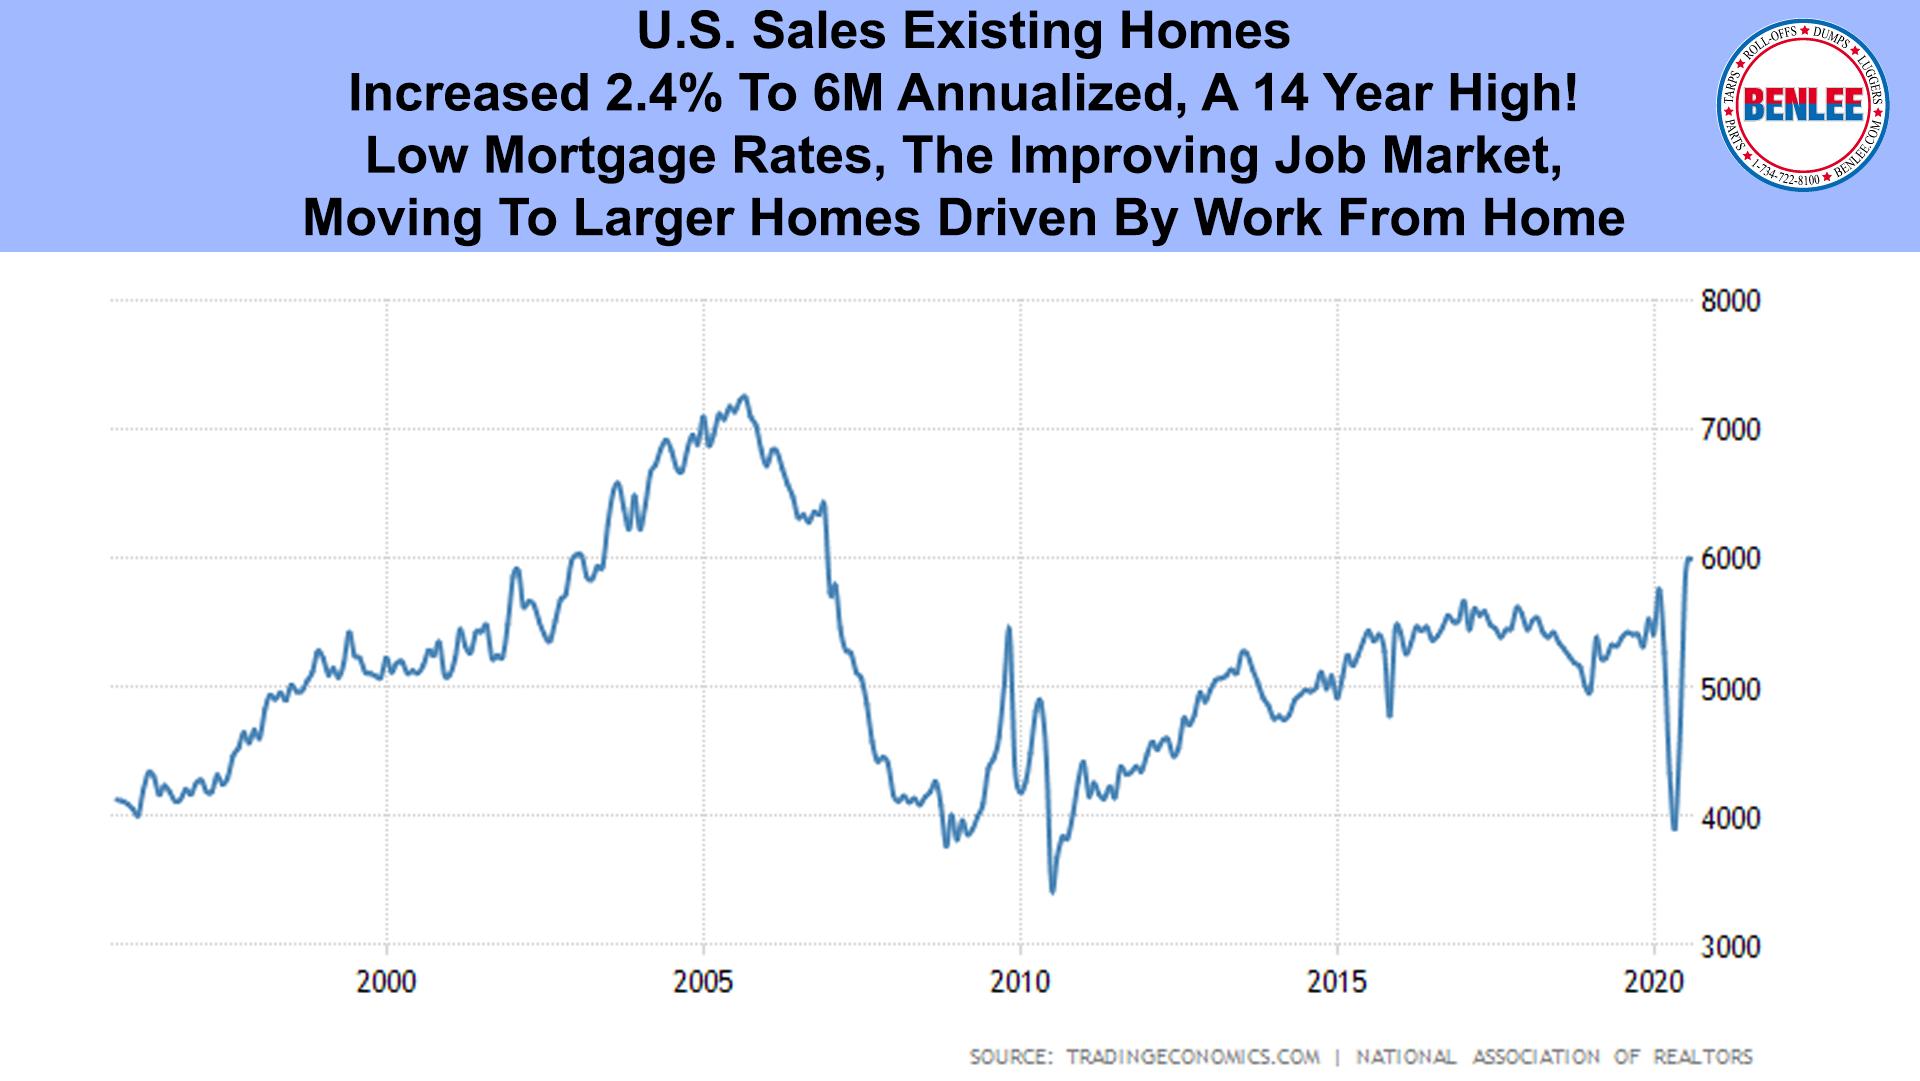 U.S. Sales Existing Homes